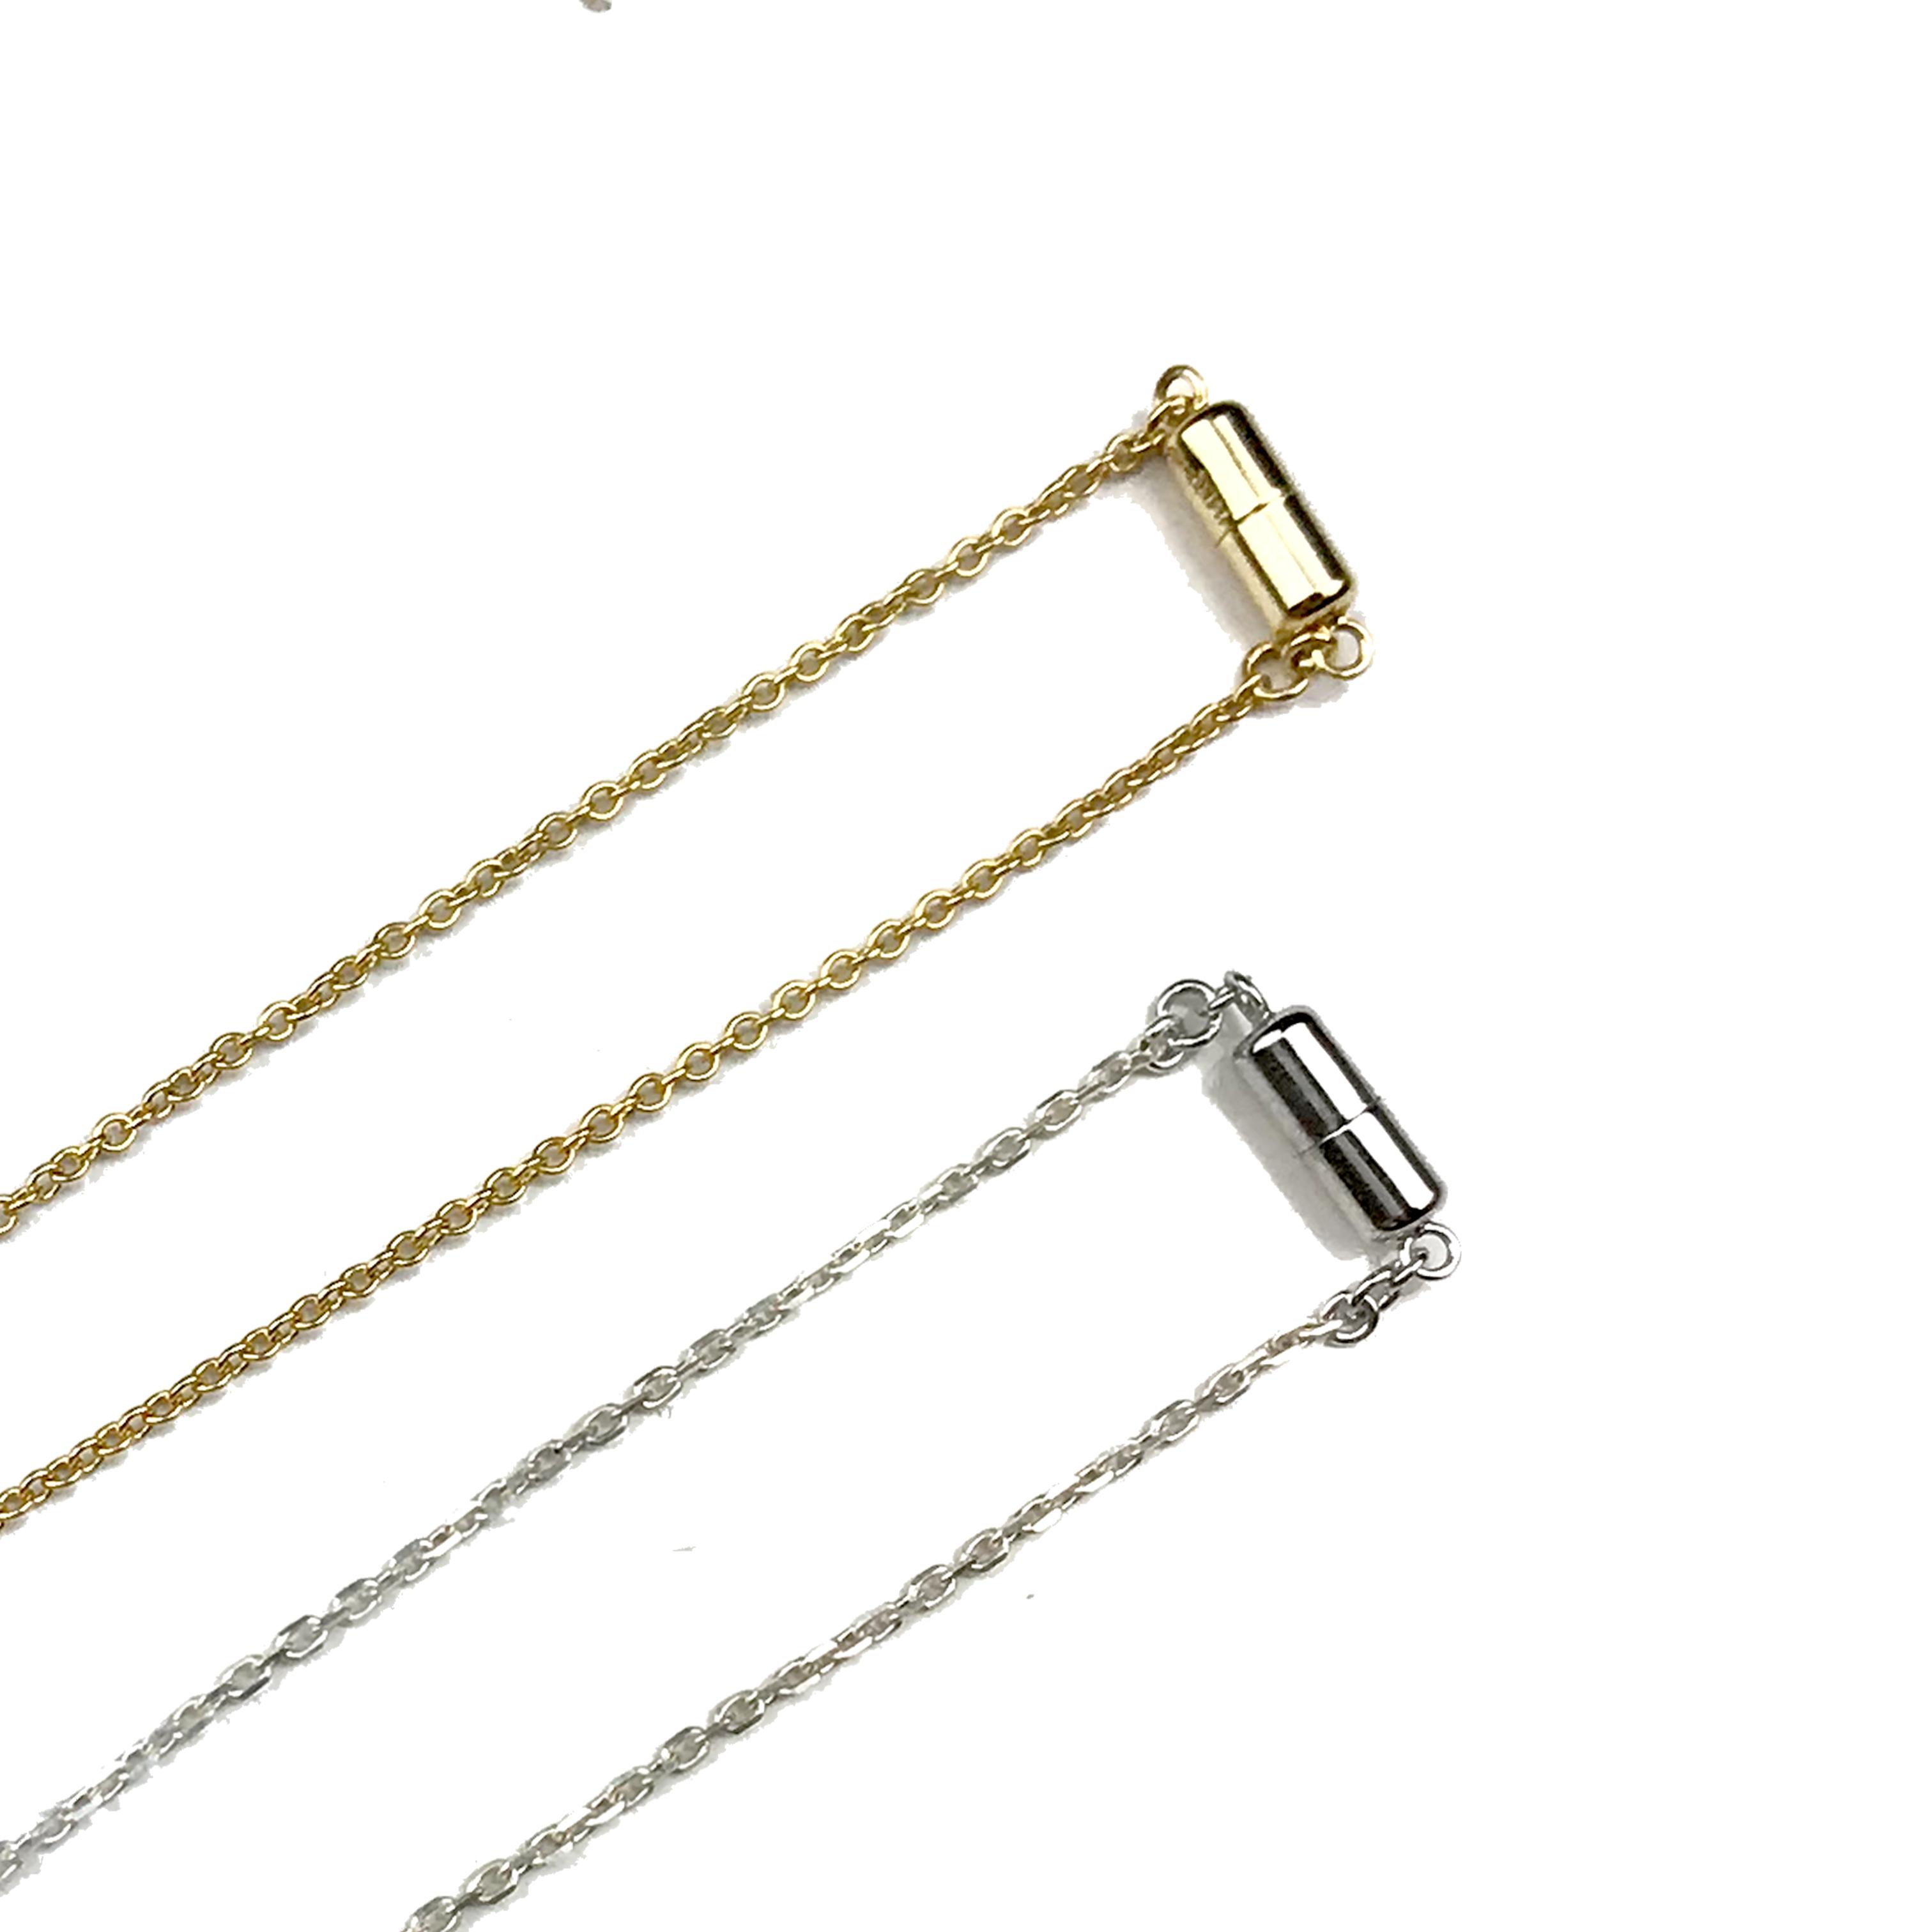 引き輪交換(マグネットクラスプ・Sサイズ )ネックレス、ブレスレット用